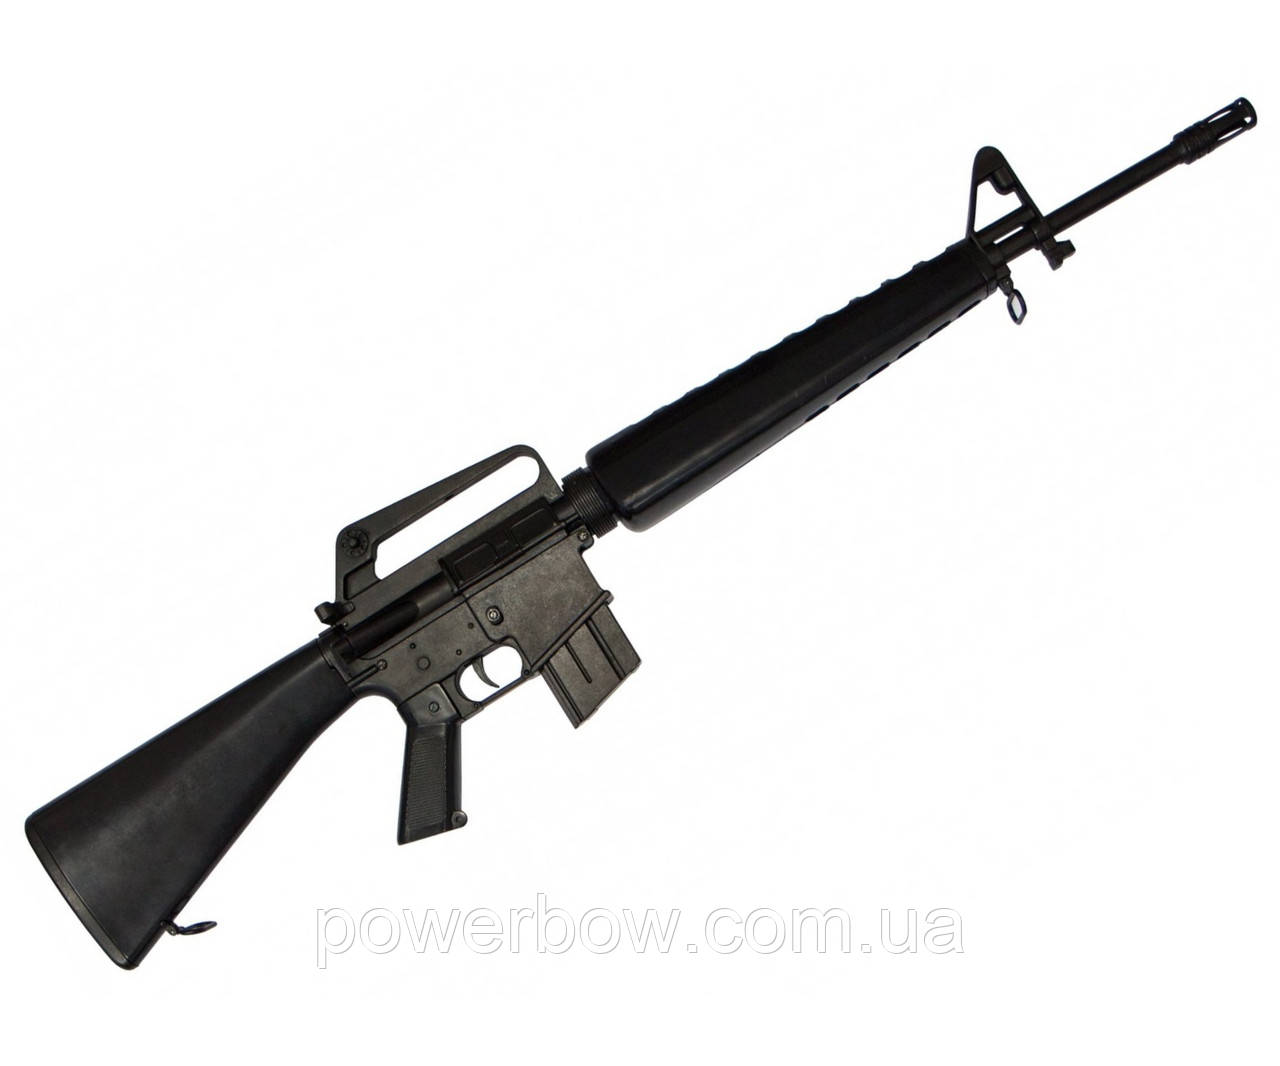 ШТУРМОВА ГВИНТІВКА M16A1